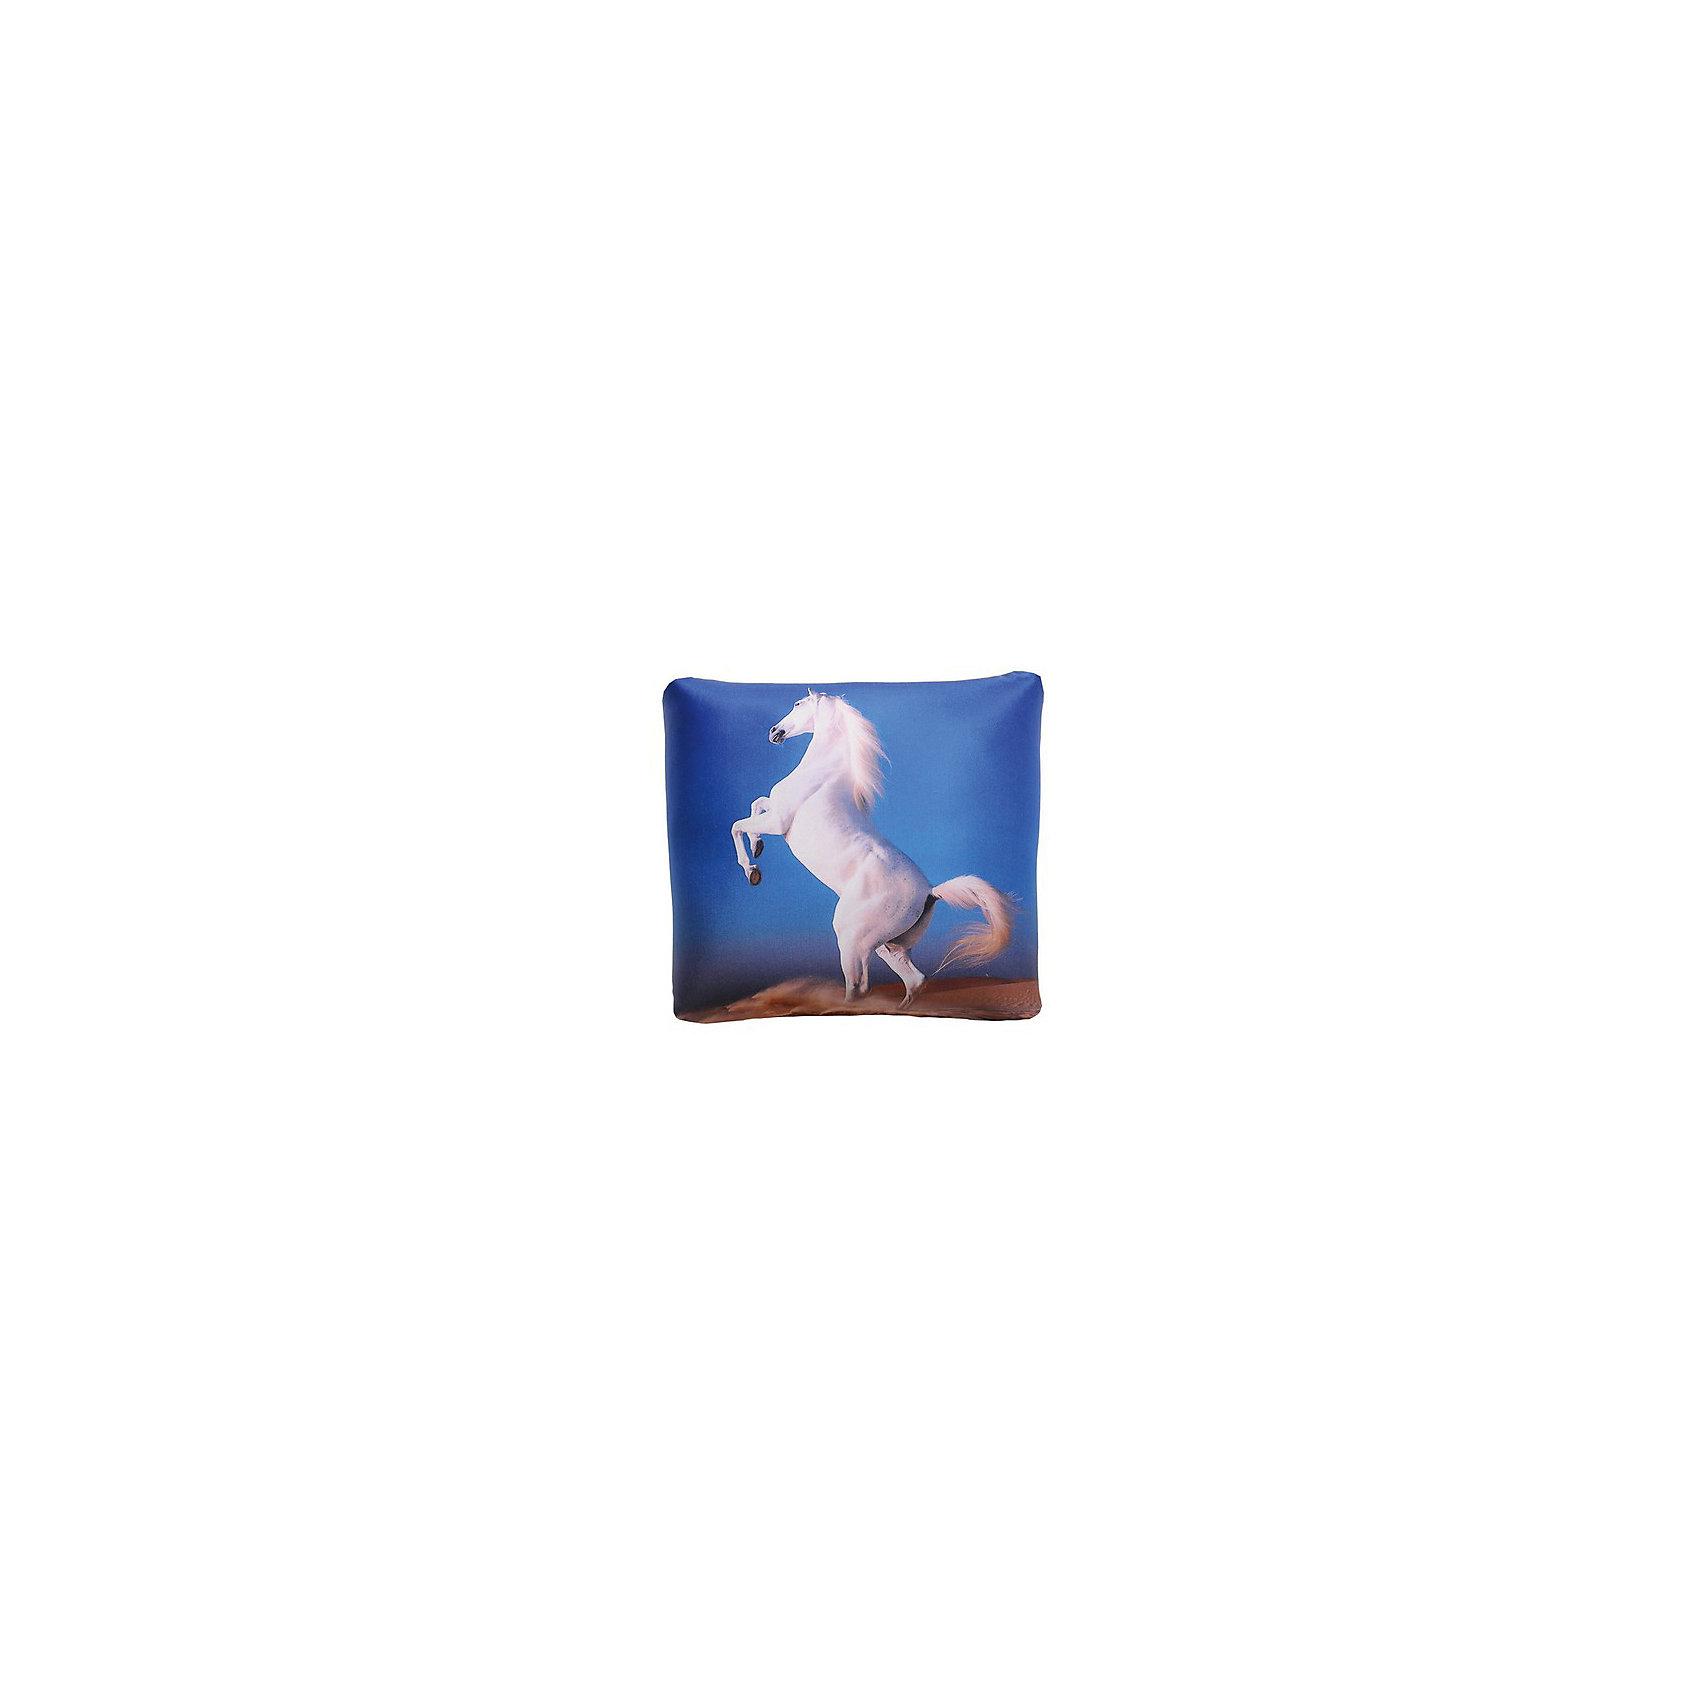 Подушка антистресс 31*31, арт. 2751, Small Toys, синийХарактеристики товара:<br><br>• цвет: синий<br>• материал: текстиль, шарики полистирол<br>• размер: 31х31 см<br>• украшена изображением лошади<br>• эффект массажа<br>• страна бренда: Российская Федерация<br>• страна производства: Российская Федерация<br><br>Думаете, что подарить? Красивая и качественная подушка может отличным подарком ребенку или взрослому. Она декорирована изображением лошади - а кто не любит этих благородных животных?! Подушка сделана из приятного на ощупь материала и специального наполнителя - гранул полистирола, которые приятно пересыпаются внутри неё.<br>Такое изделие сможет оказывать точечный массаж ладошек, если держать её в руках, развивать моторику и отвлекать ребенка при необходимости. В поездках или дома на диване такая подушка поможет занять удобное положение и при этом будет приятно массировать шею. Подушка выполнена в приятной расцветке. Швы хорошо проработаны. Изделие произведено из сертифицированных материалов, безопасных для детей.<br><br>Подушку антистресс 31*31, арт. 2751 от бренда Small Toys можно купить в нашем интернет-магазине.<br><br>Ширина мм: 310<br>Глубина мм: 310<br>Высота мм: 90<br>Вес г: 235<br>Возраст от месяцев: 36<br>Возраст до месяцев: 72<br>Пол: Унисекс<br>Возраст: Детский<br>SKU: 5272906